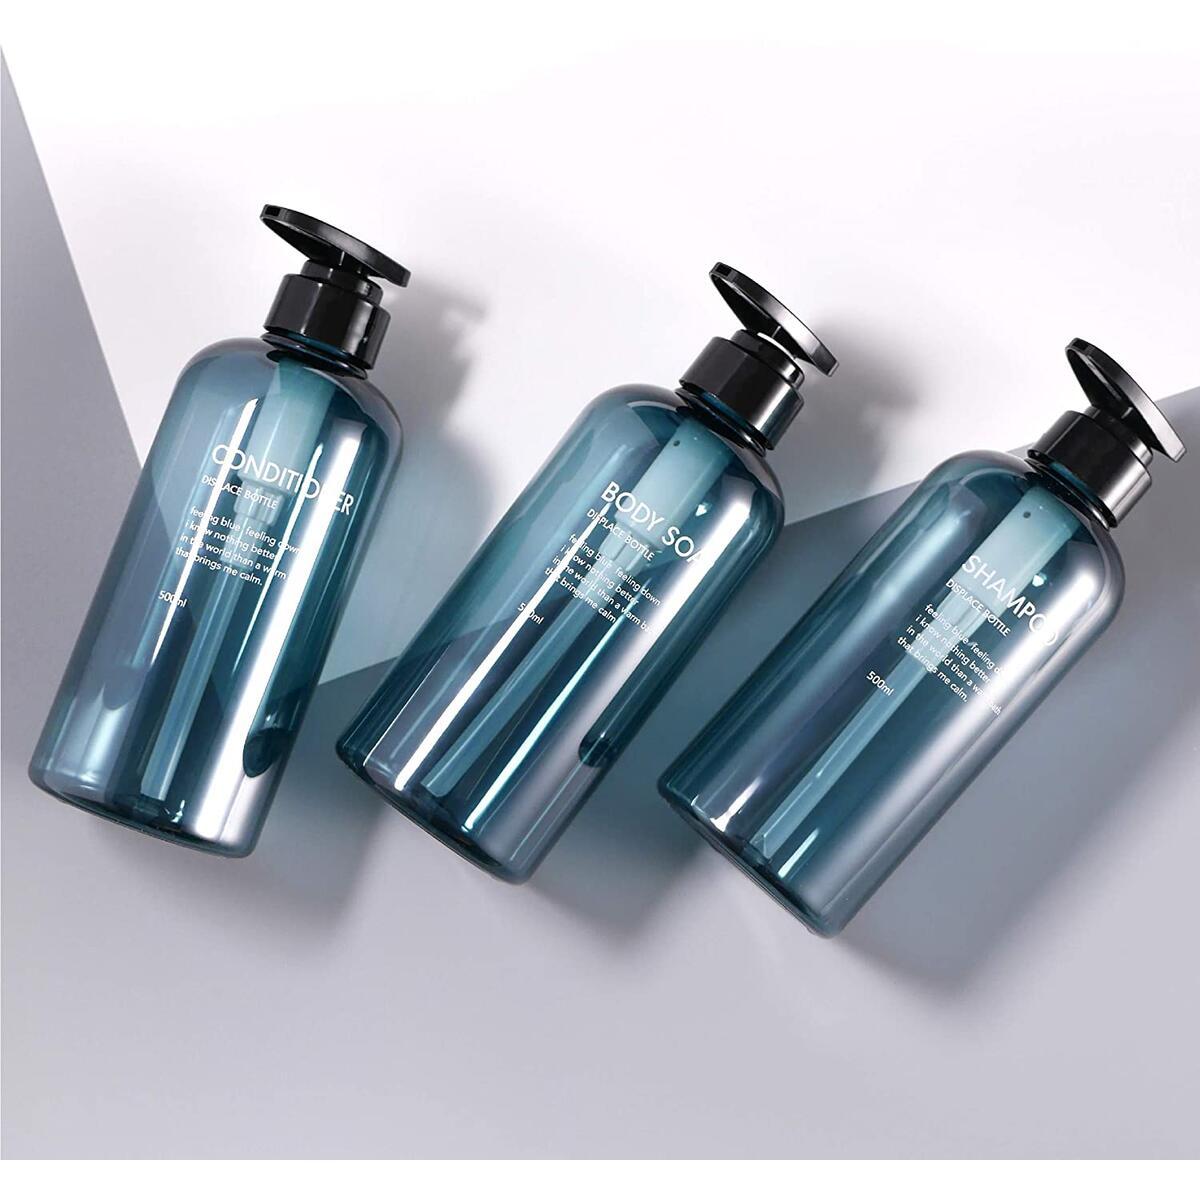 homyhomi Pump Lotion Bottles, 3 PCS Plastic Pump Bottle Dispenser 16.9oz/500ml Empty Refillable Lotion Pump Bottle Set for Body Soap Shampoo Conditioner Lotion Dispenser with Pump-Blue (Blue, 500ml)